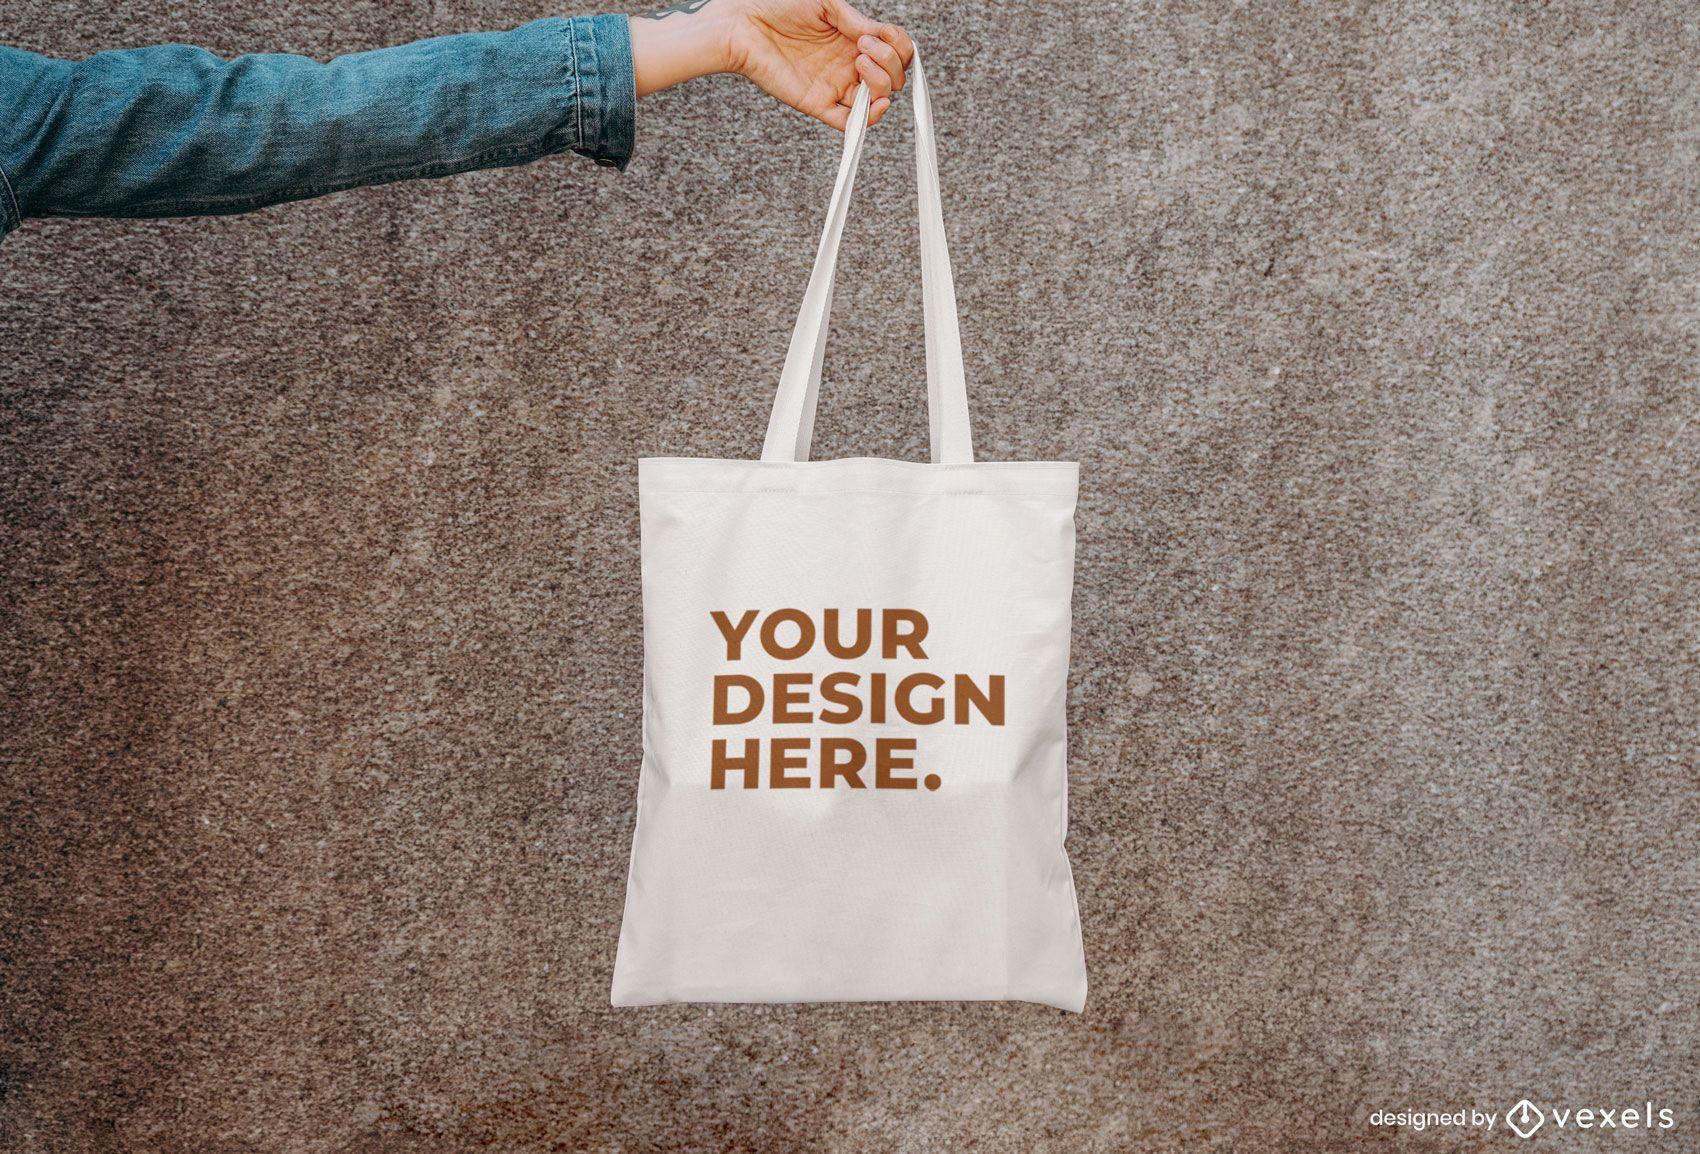 Diseño de maqueta de bolso de mano de pared